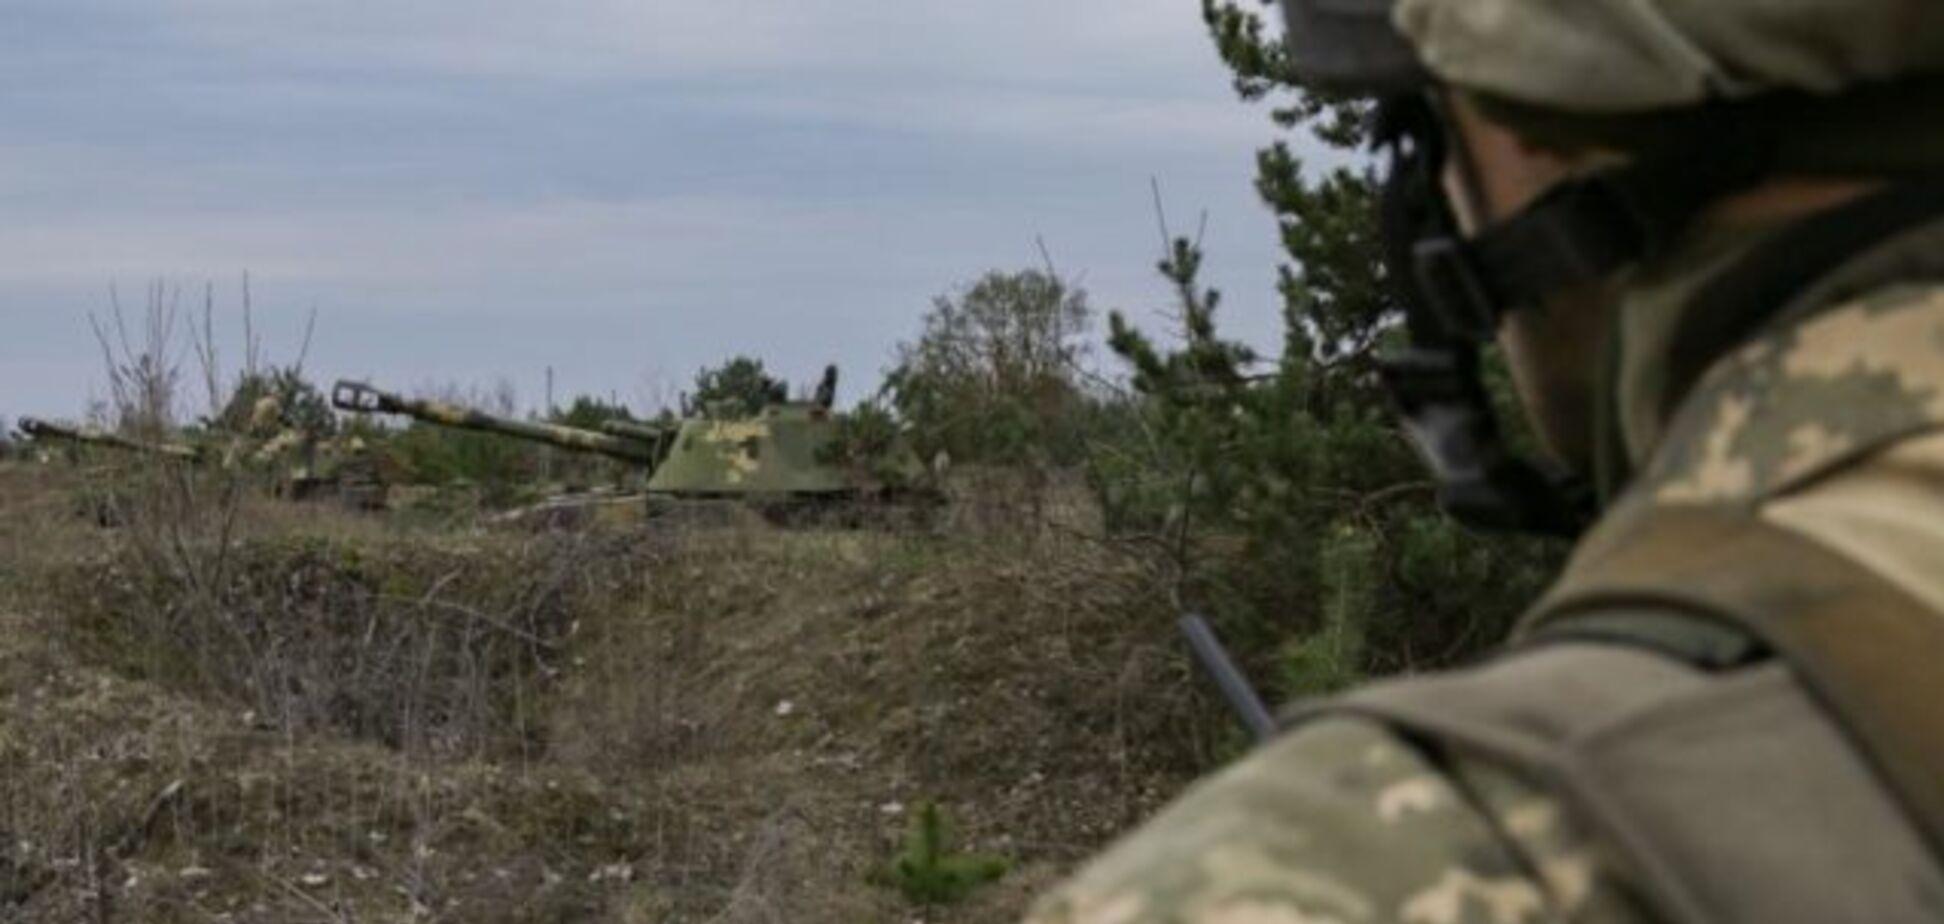 Наемники Путина устроили минометный обстрел: ранен боец ВСУ